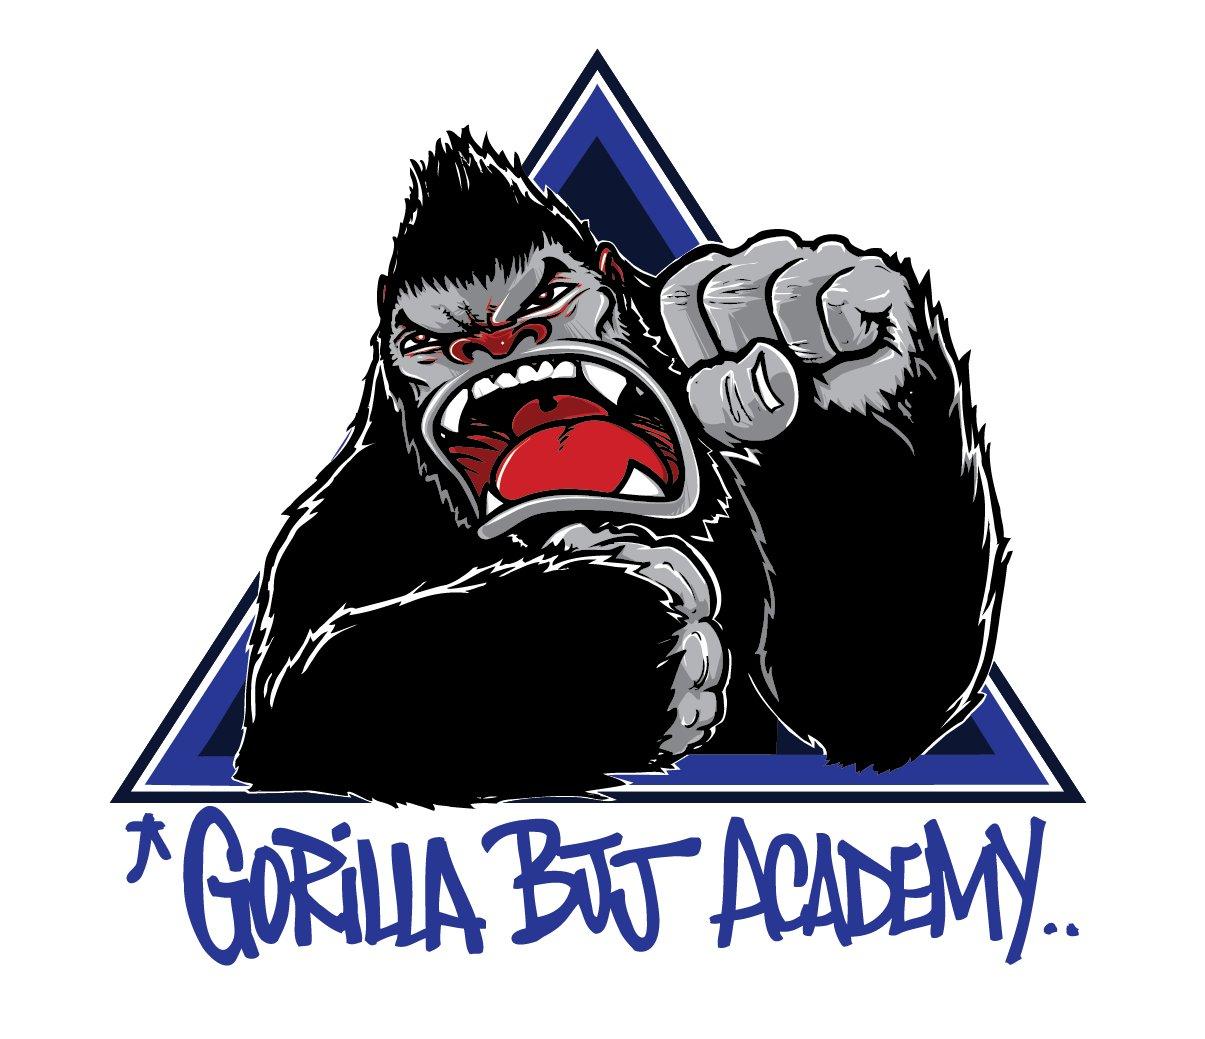 Gorilla BJJ Academy